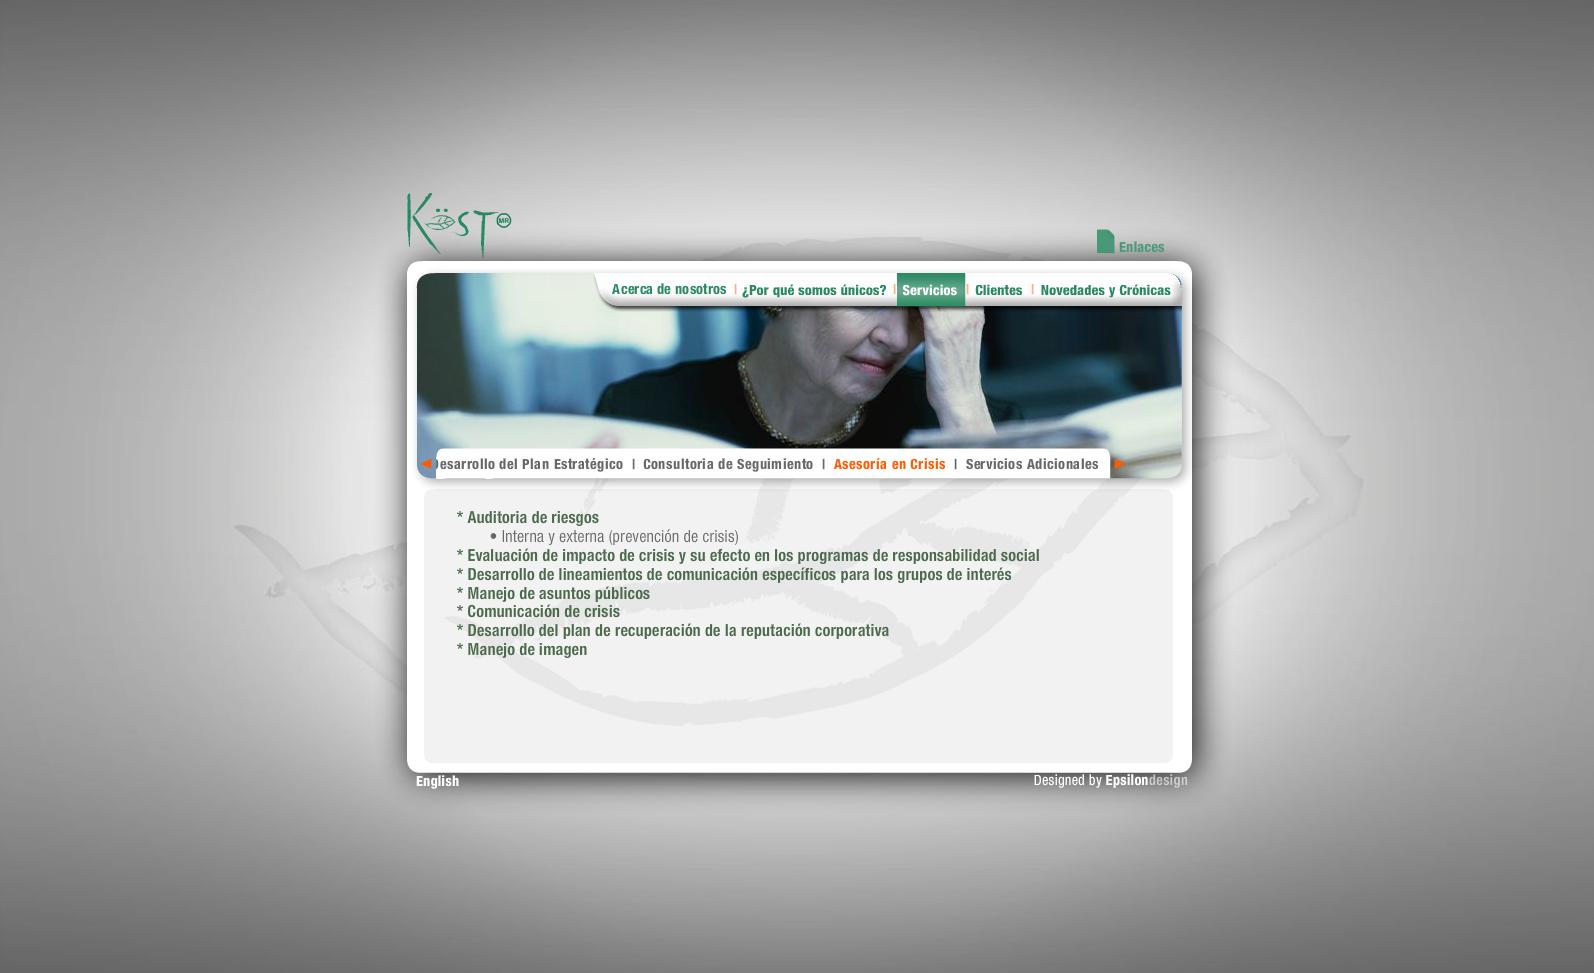 Verde Kost - Servicios (Asesoría en crisis)